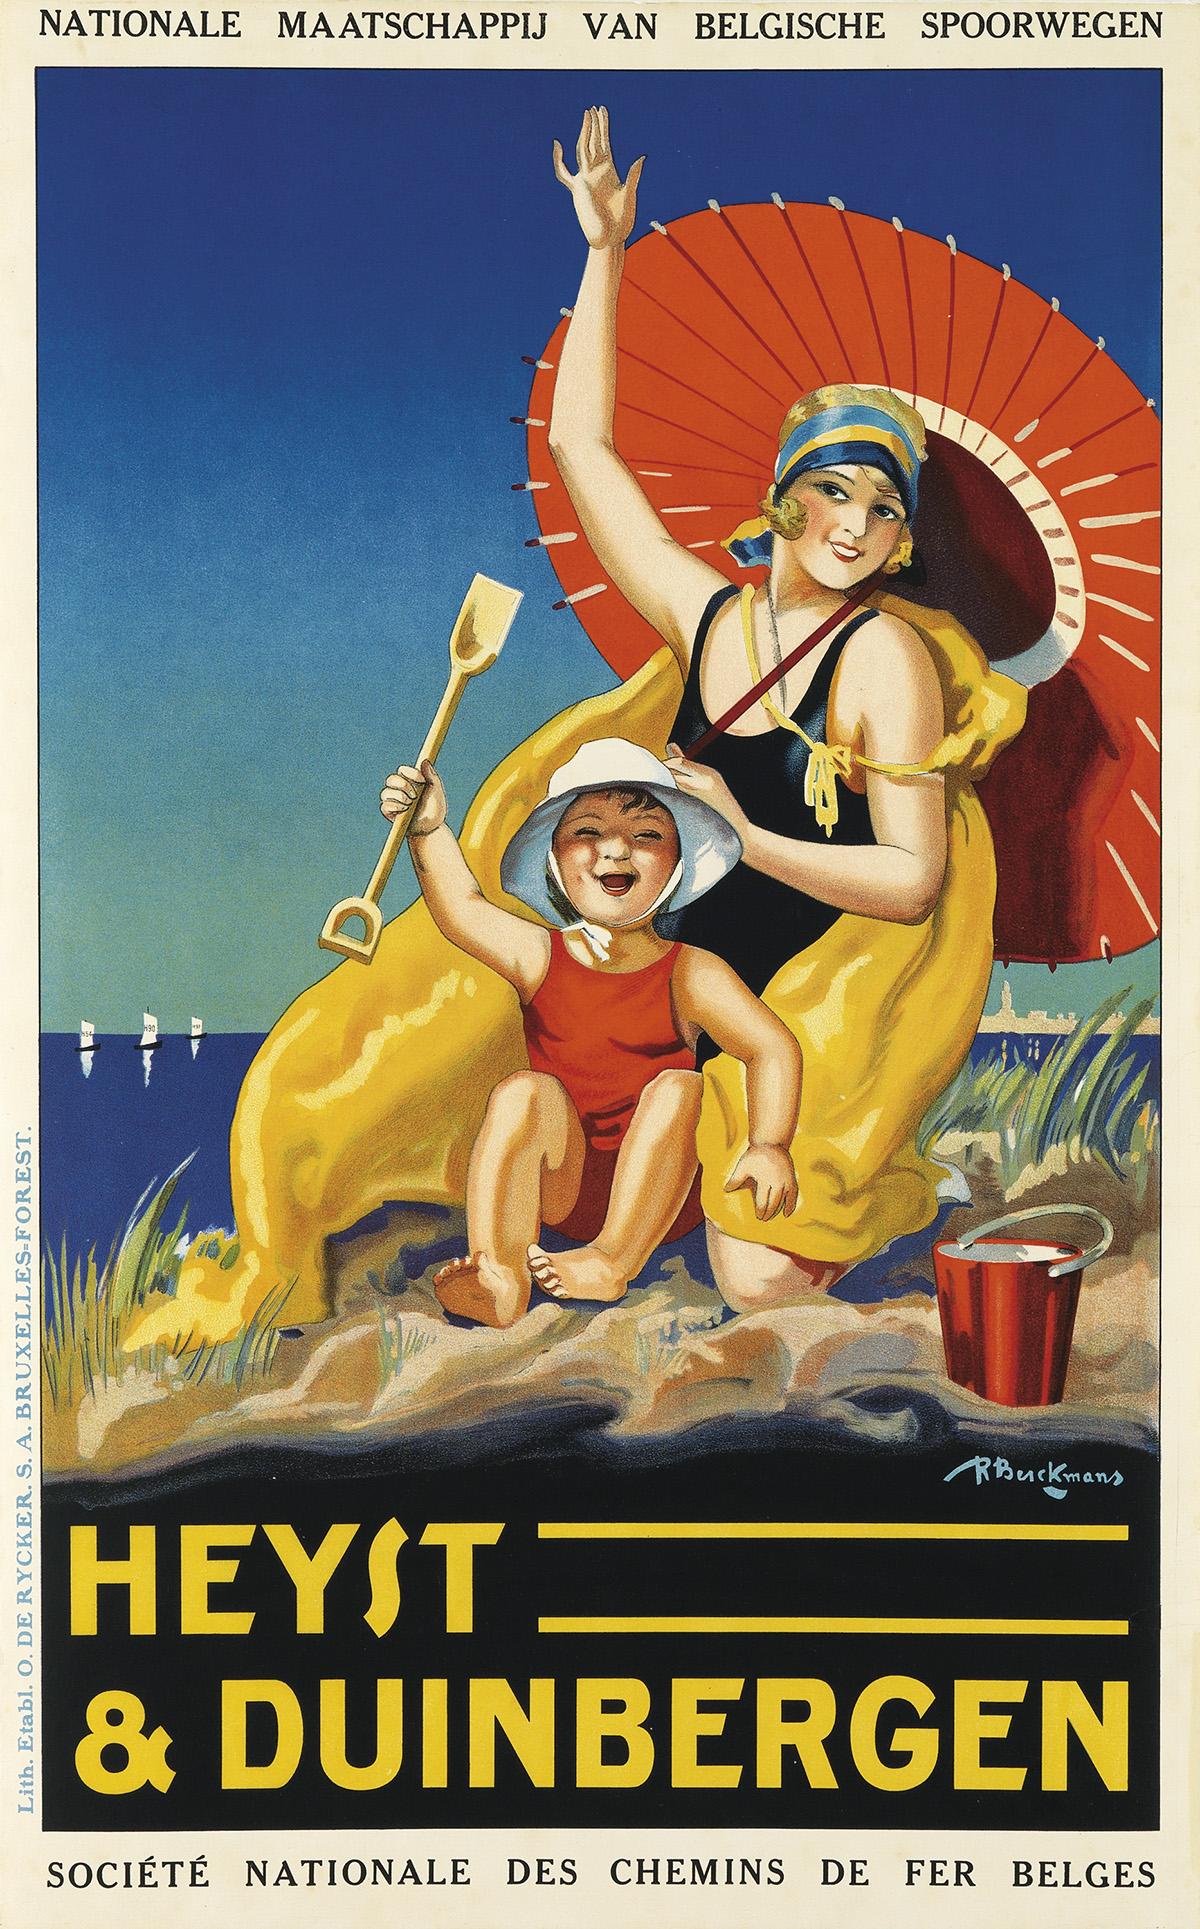 ROGER BERCKMANS (1900-?). HEYST & DUINBERGEN. Circa 1929. 39x24 inches, 99x61 cm. O. De Rycker. S.A., Brussels.